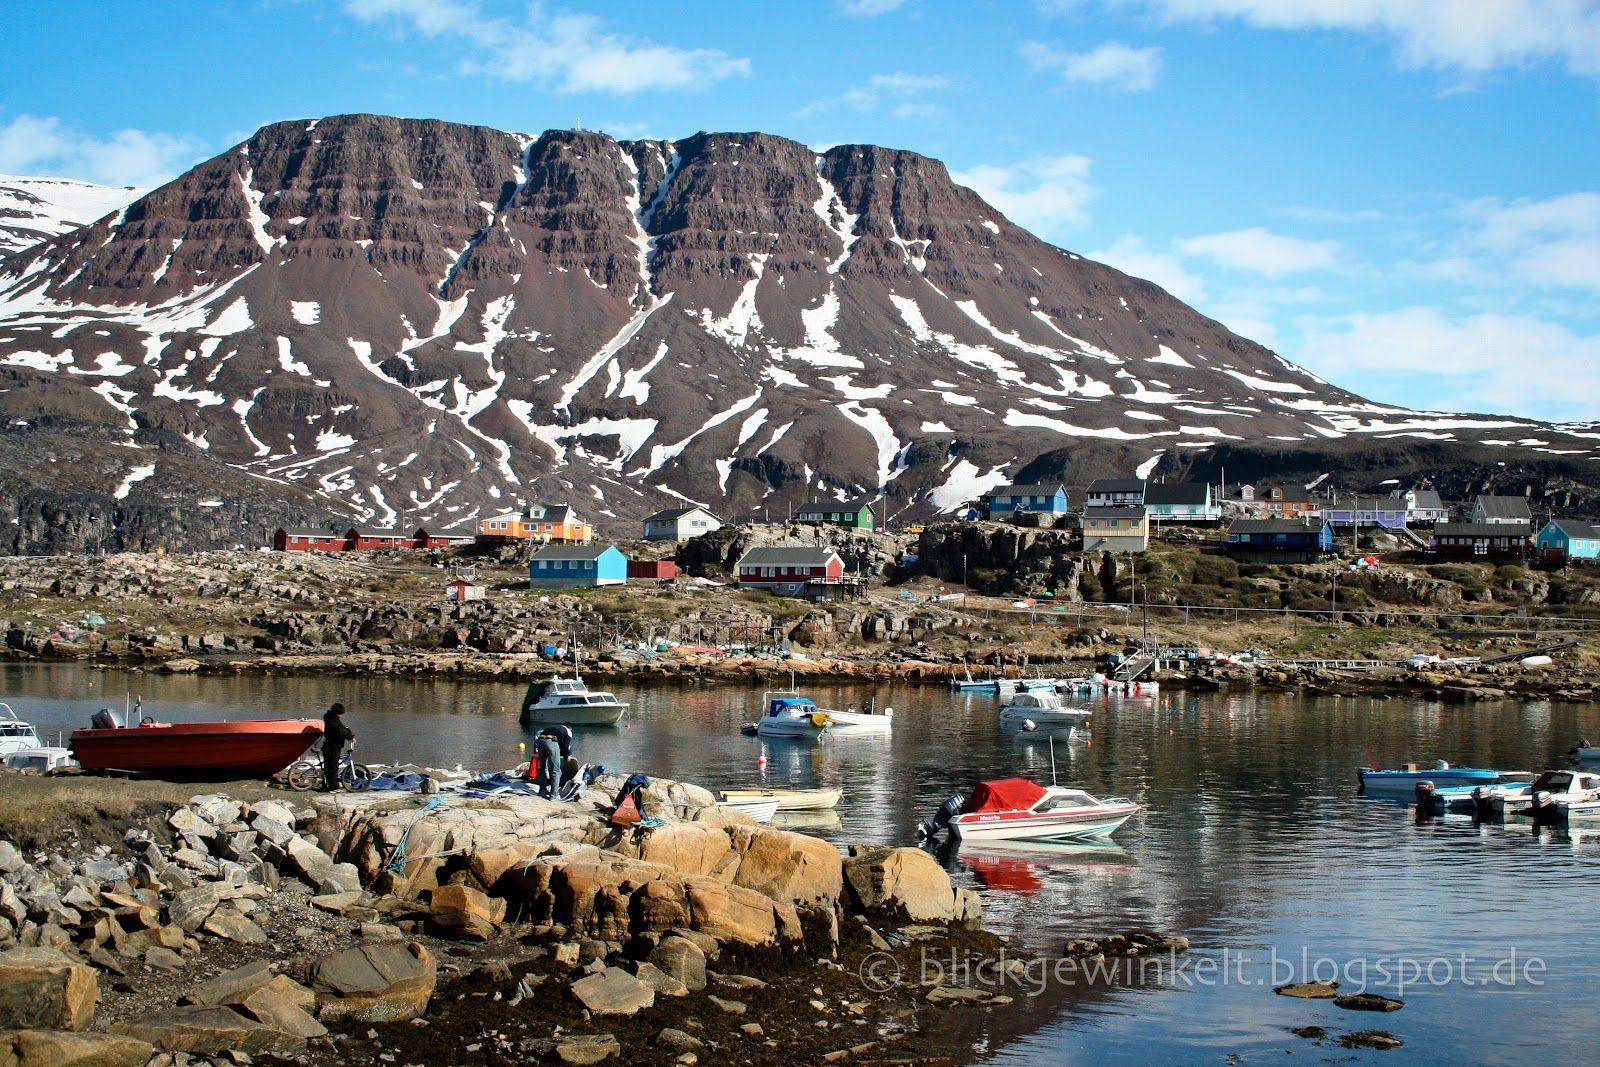 Discobay, Grönland / Greenland